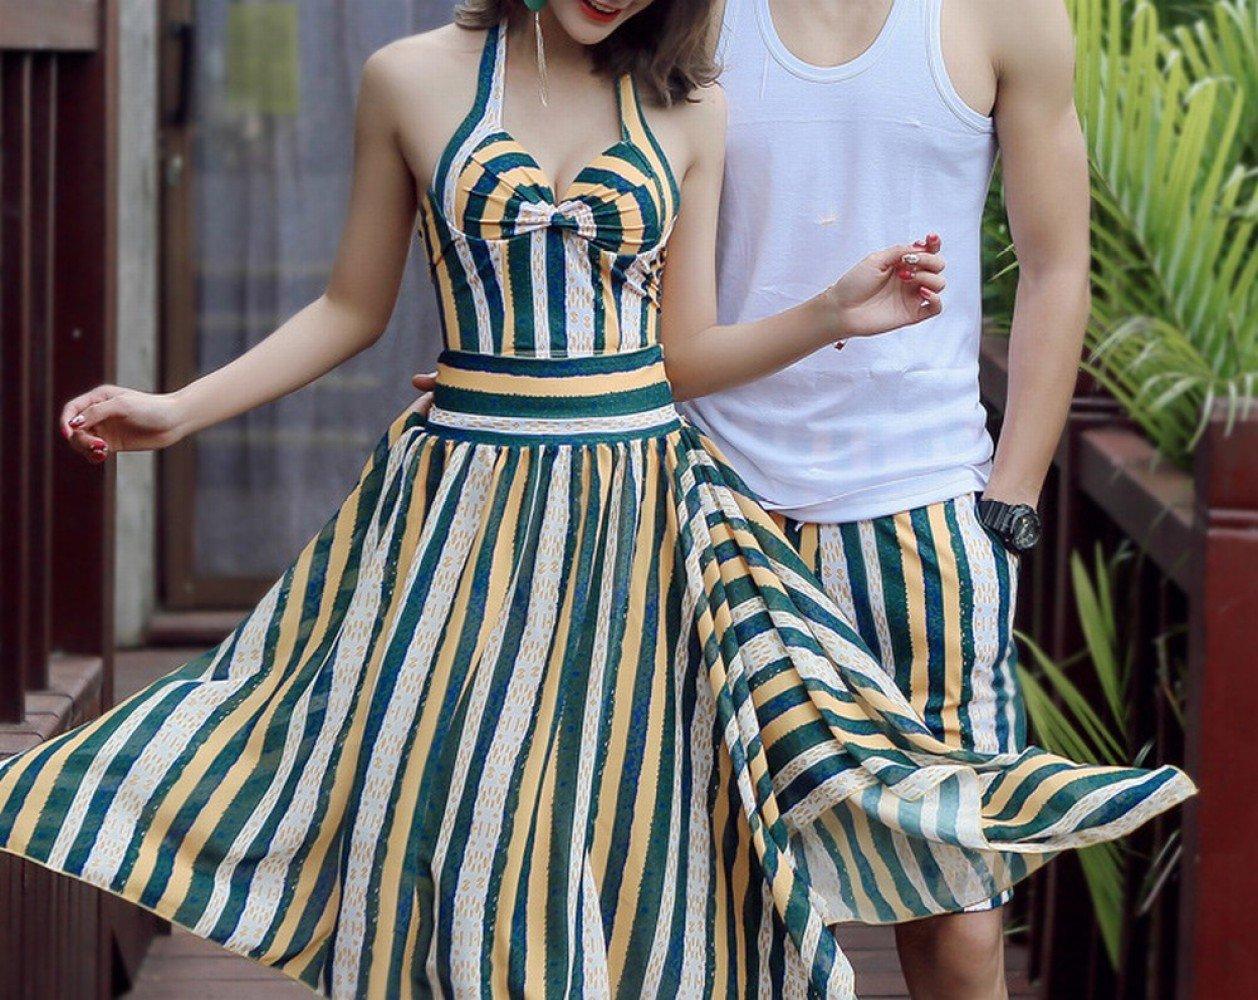 HOMEE Couples de Maillots de Bain Femme Poitrine en Acier Plaque Recueillir Split Robe Bikini Trois Ensembles de Pantalons de Plage Maillot de Bain,Vert,XL